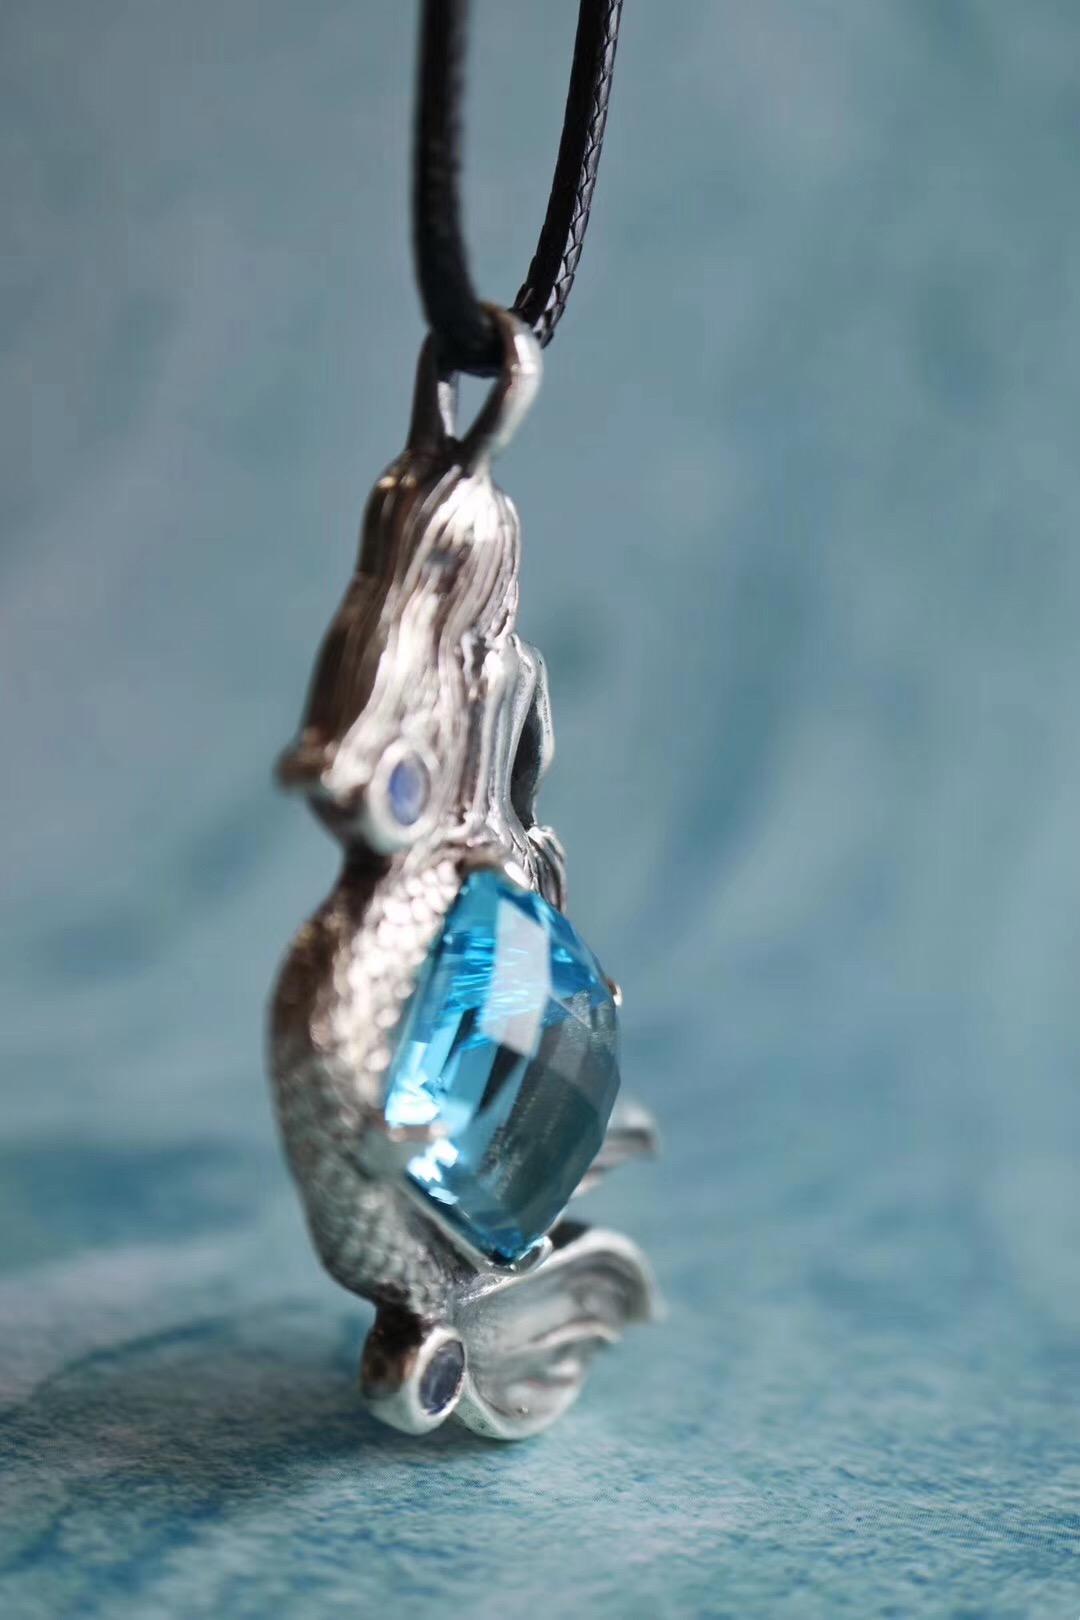 《美人鱼》—菩心晶舍&托帕石 ,像极了海蓝宝-菩心晶舍